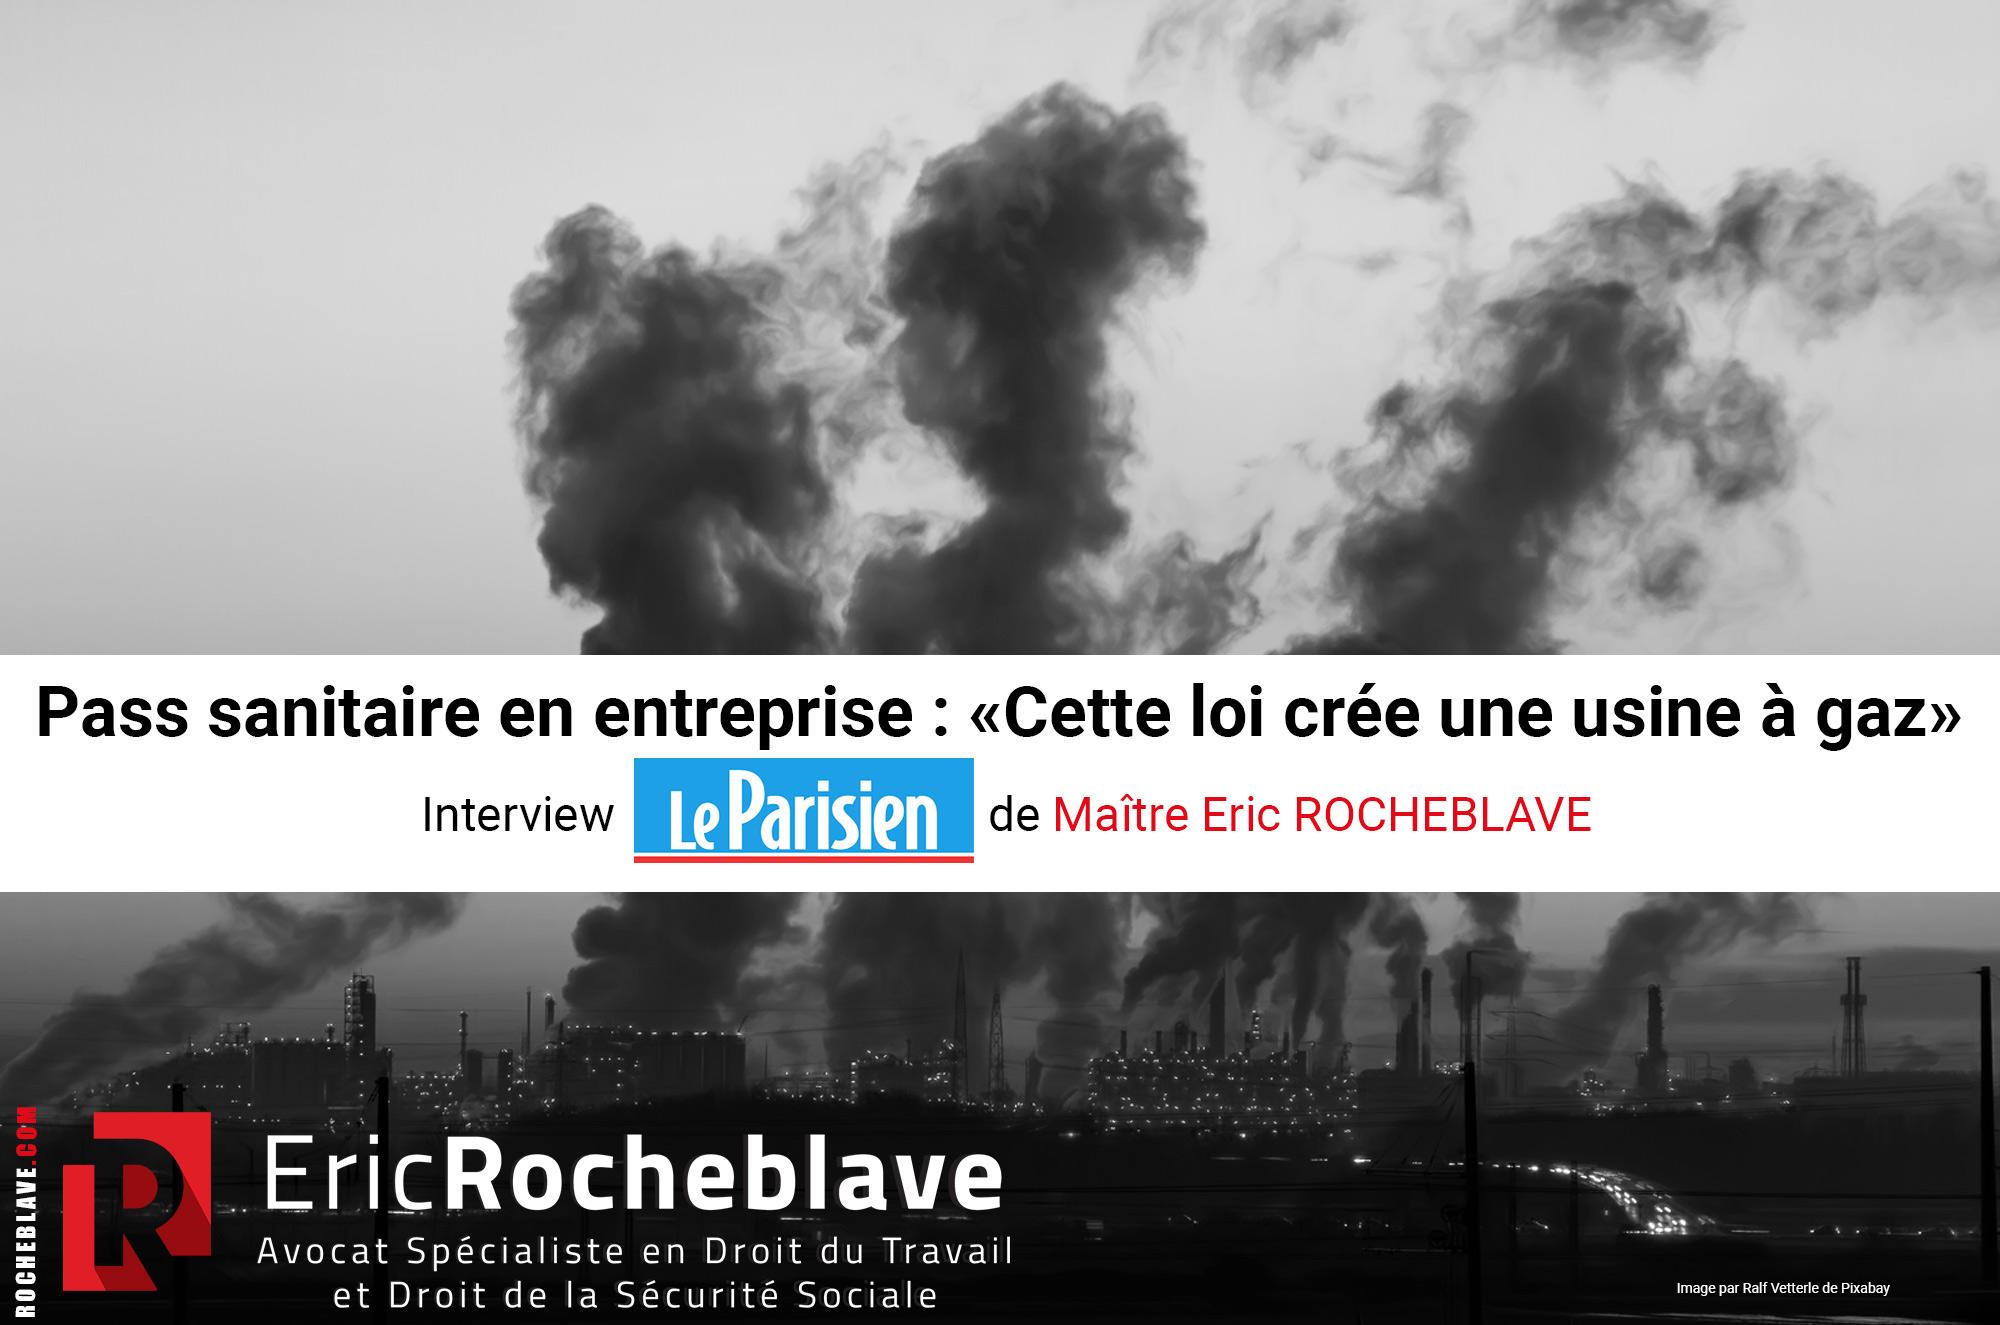 Pass sanitaire en entreprise : «Cette loi crée une usine à gaz» Interview Le Parisien de Maître Eric ROCHEBLAVE